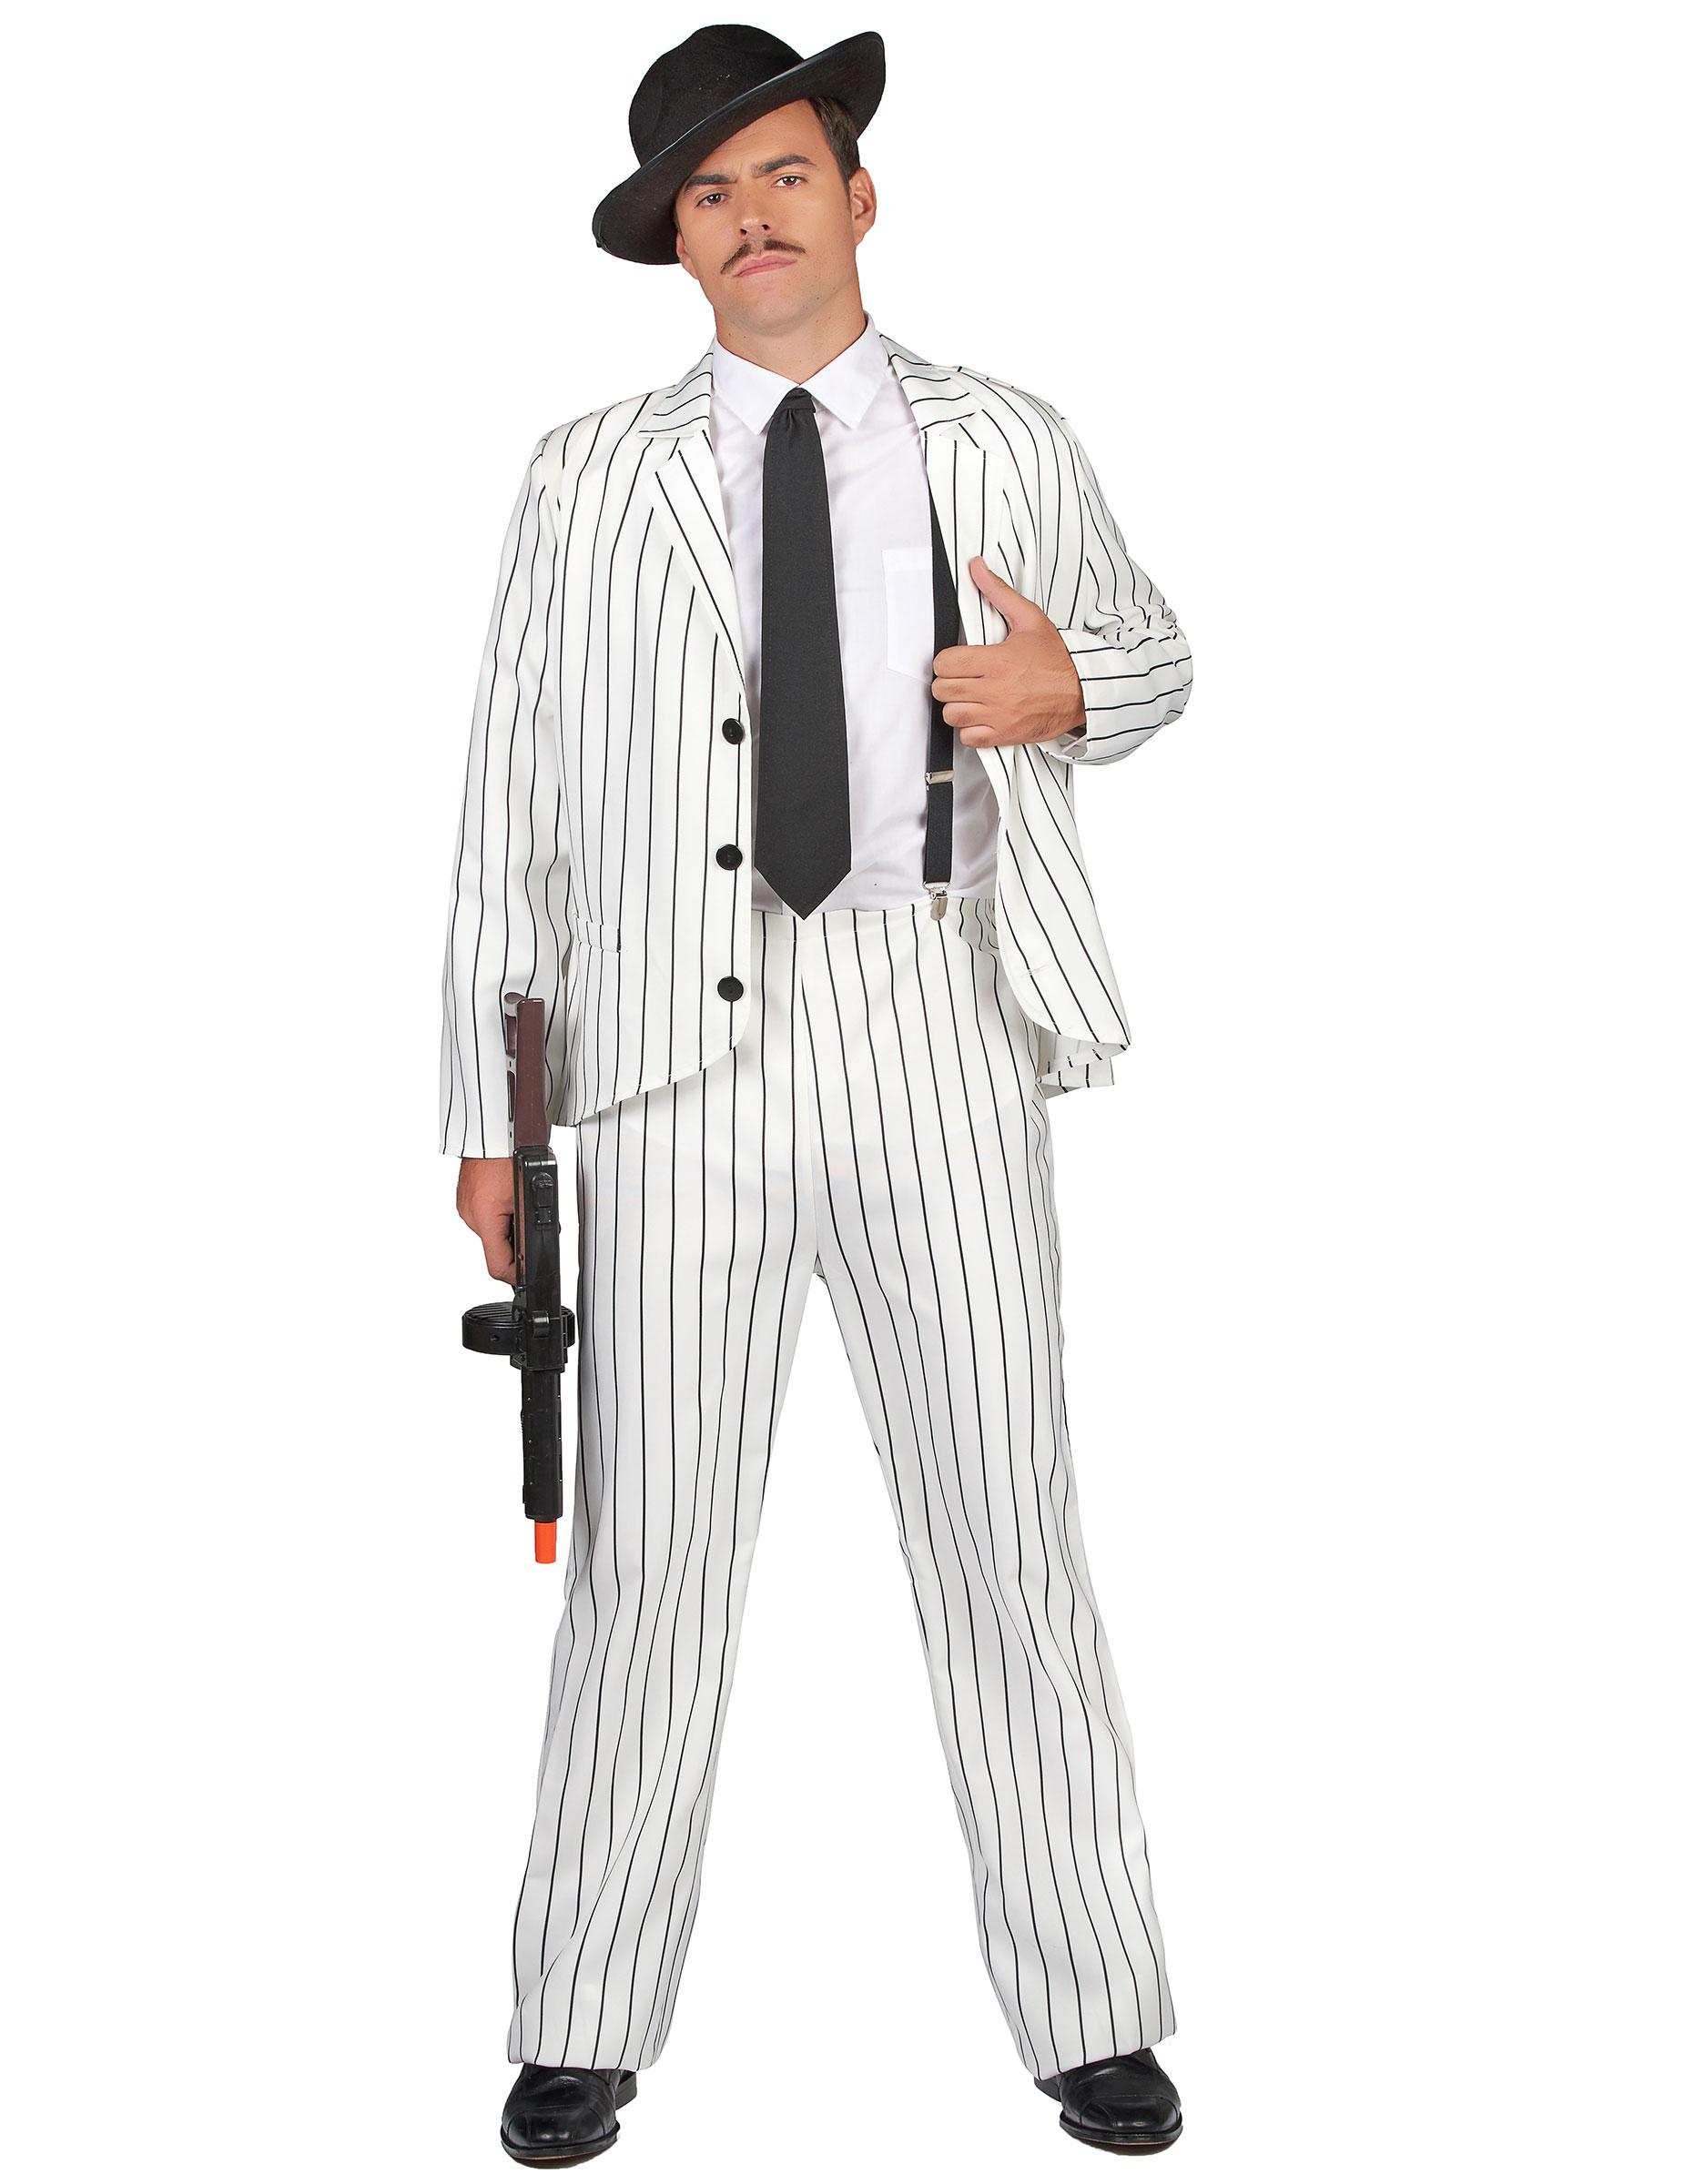 Costume da gangster in bianco per uomo su VegaooParty 1b8b935f77c7